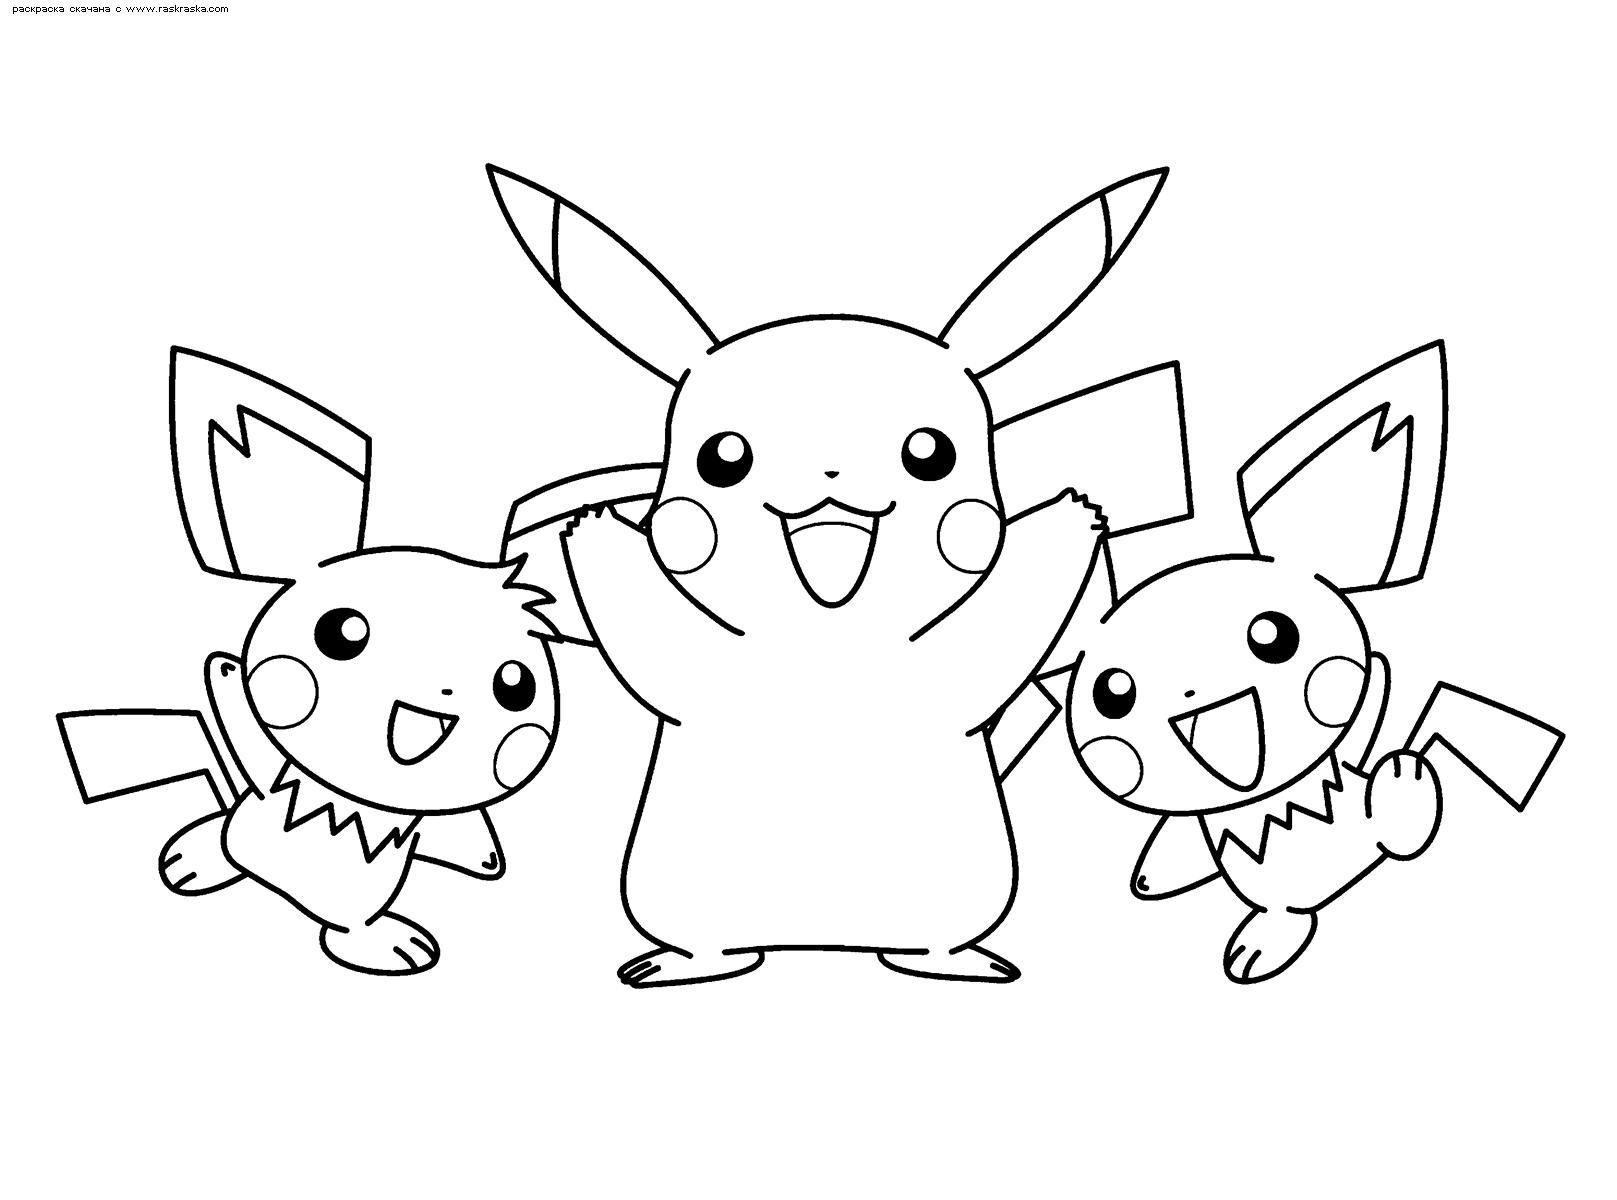 Раскраска Покемоны и Пикачу | Раскраски Пикачу (Pikachu)